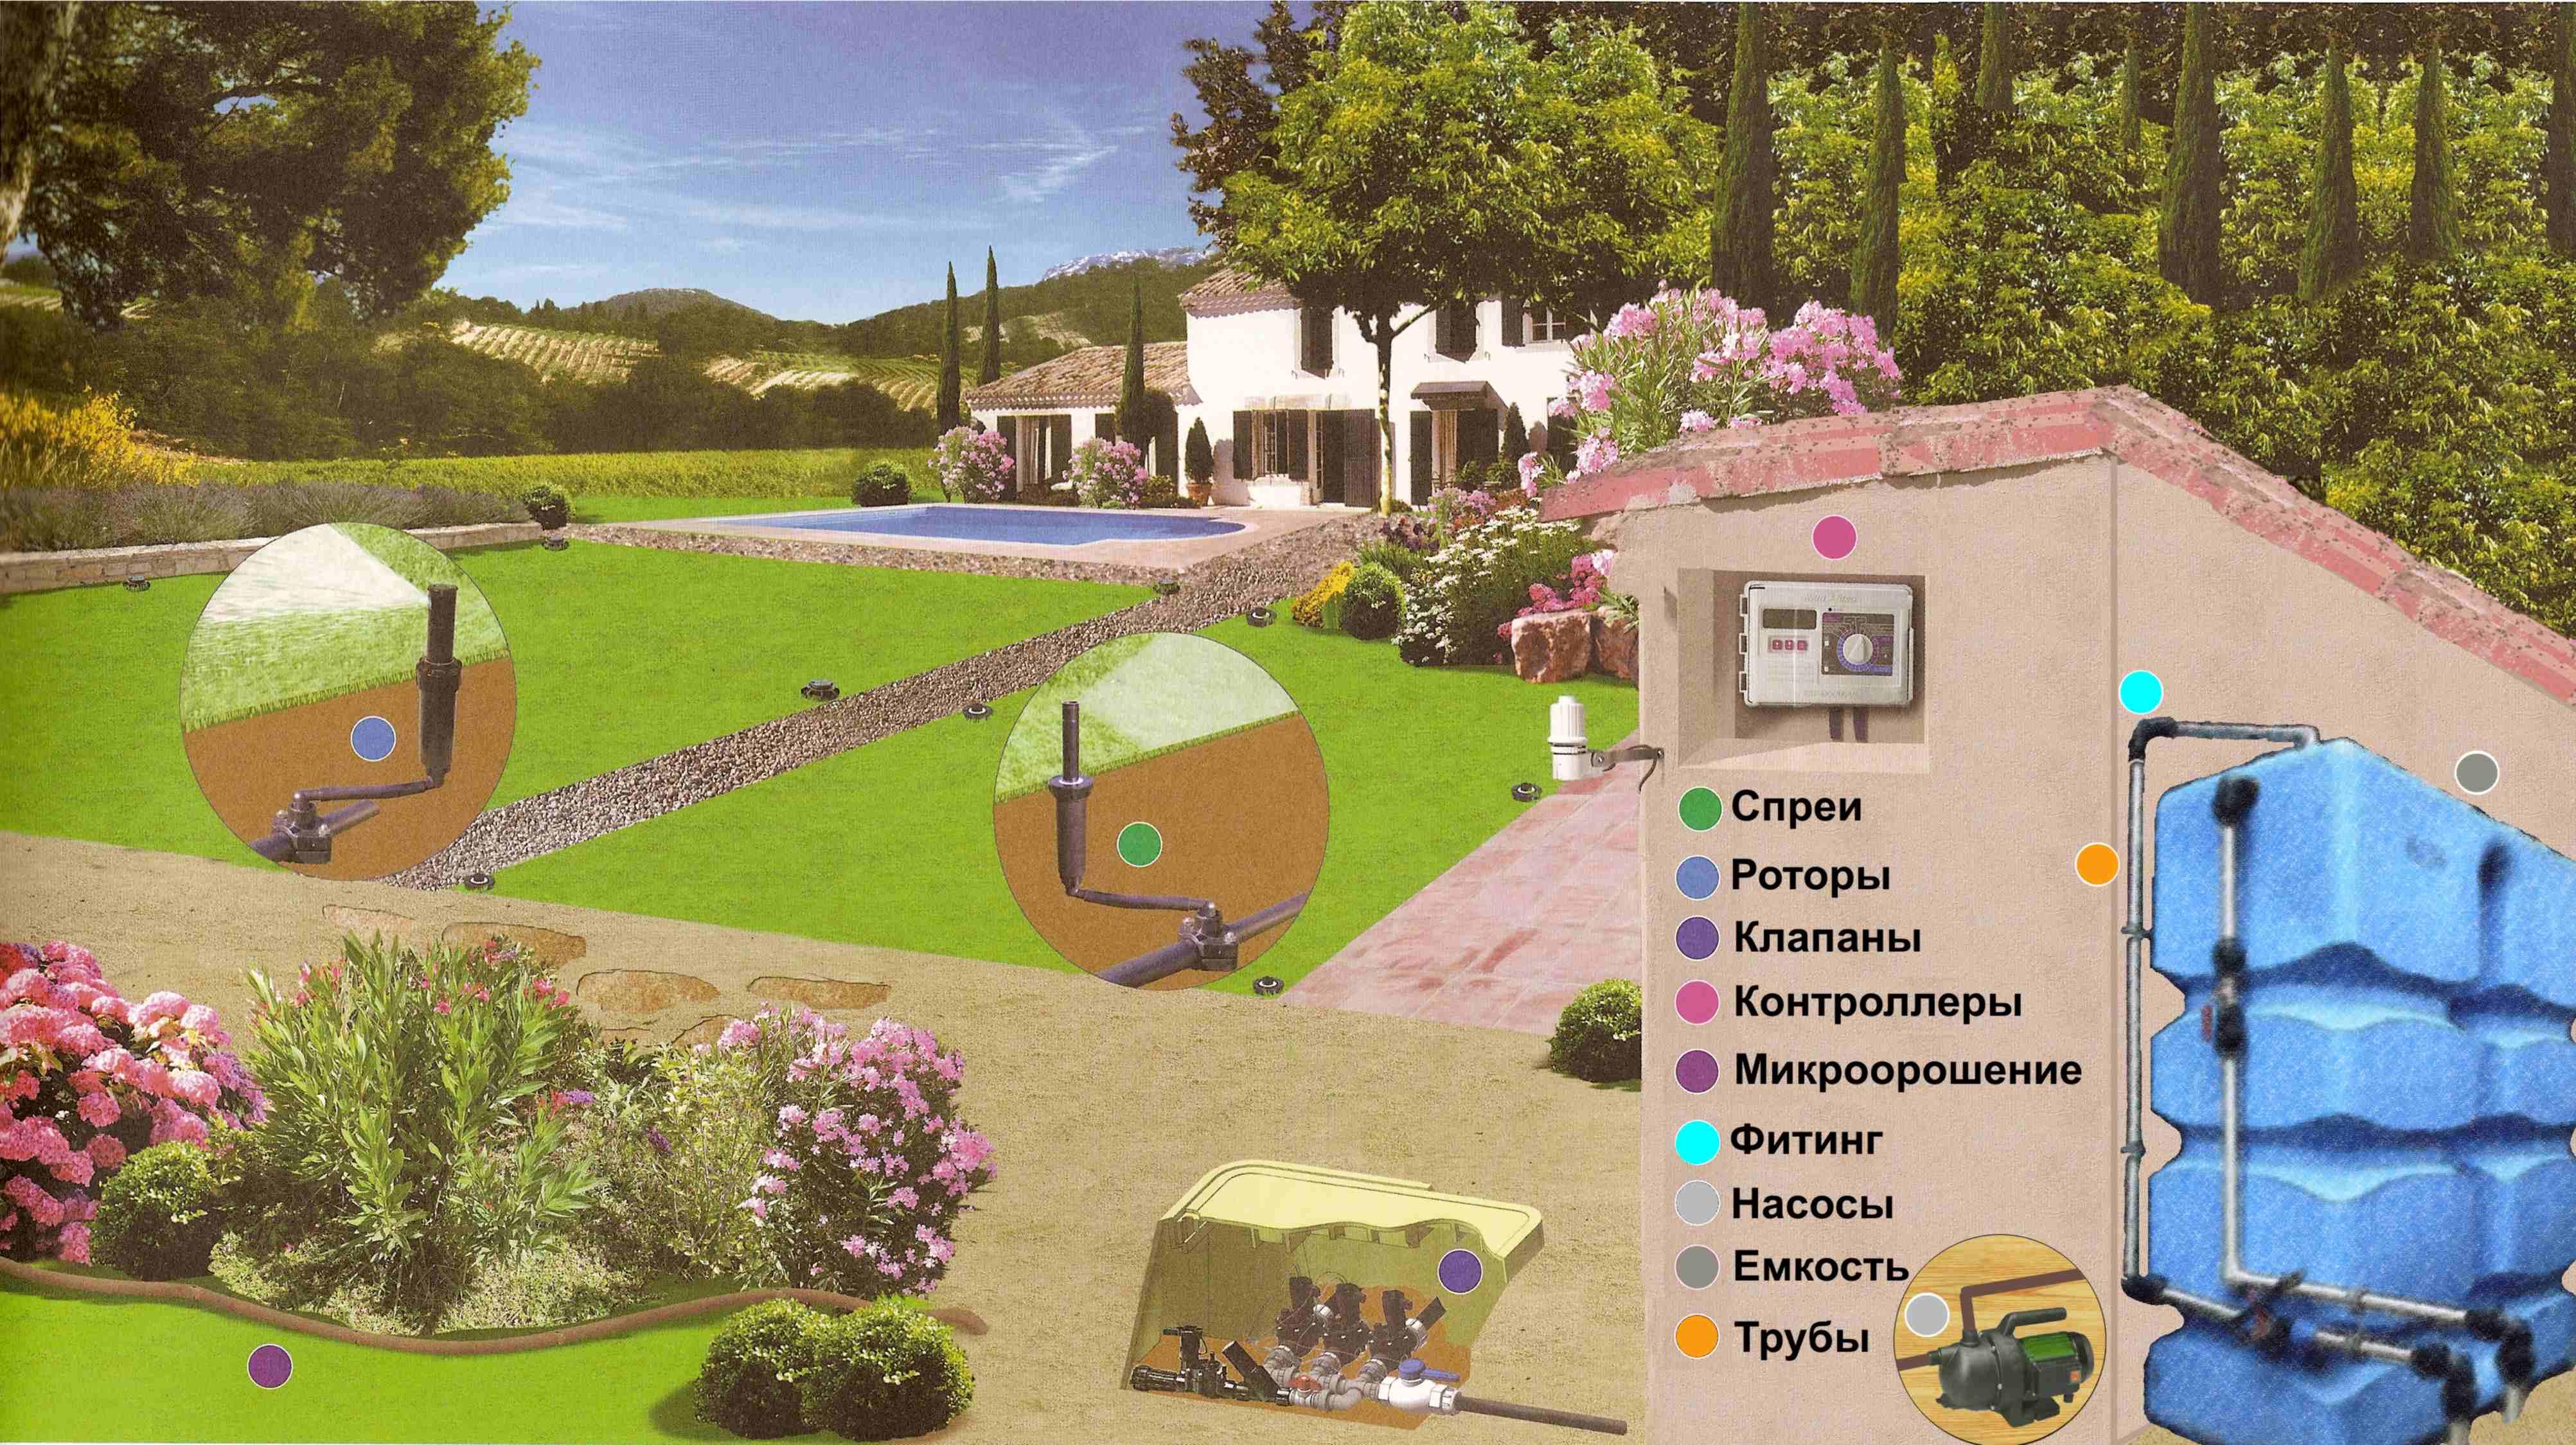 Автоматический полив газона: как сделать систему автоматического полива газона своими руками?